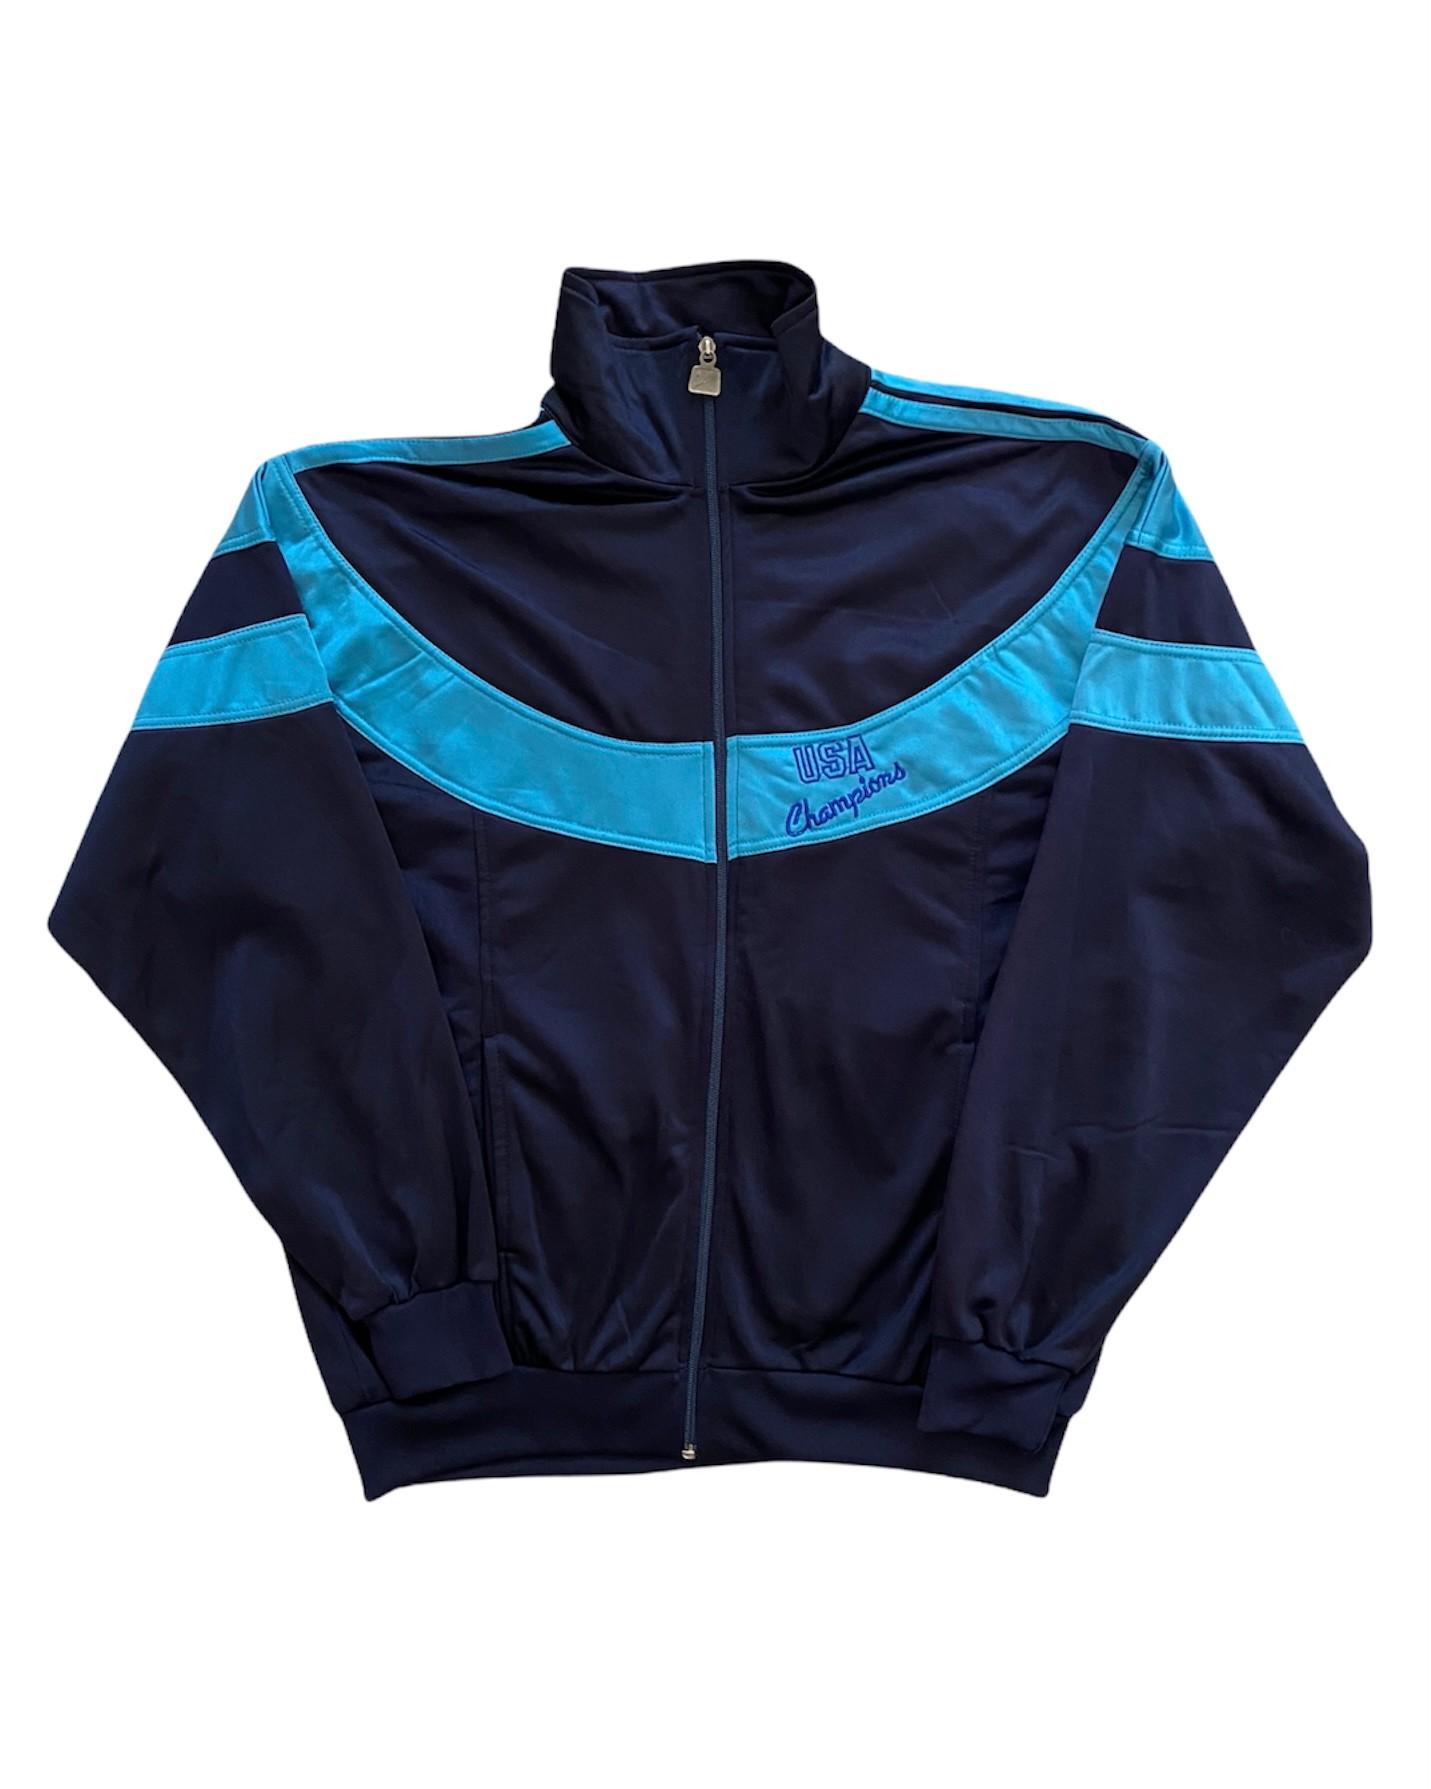 Usa Champions Vintage Ceket (M)